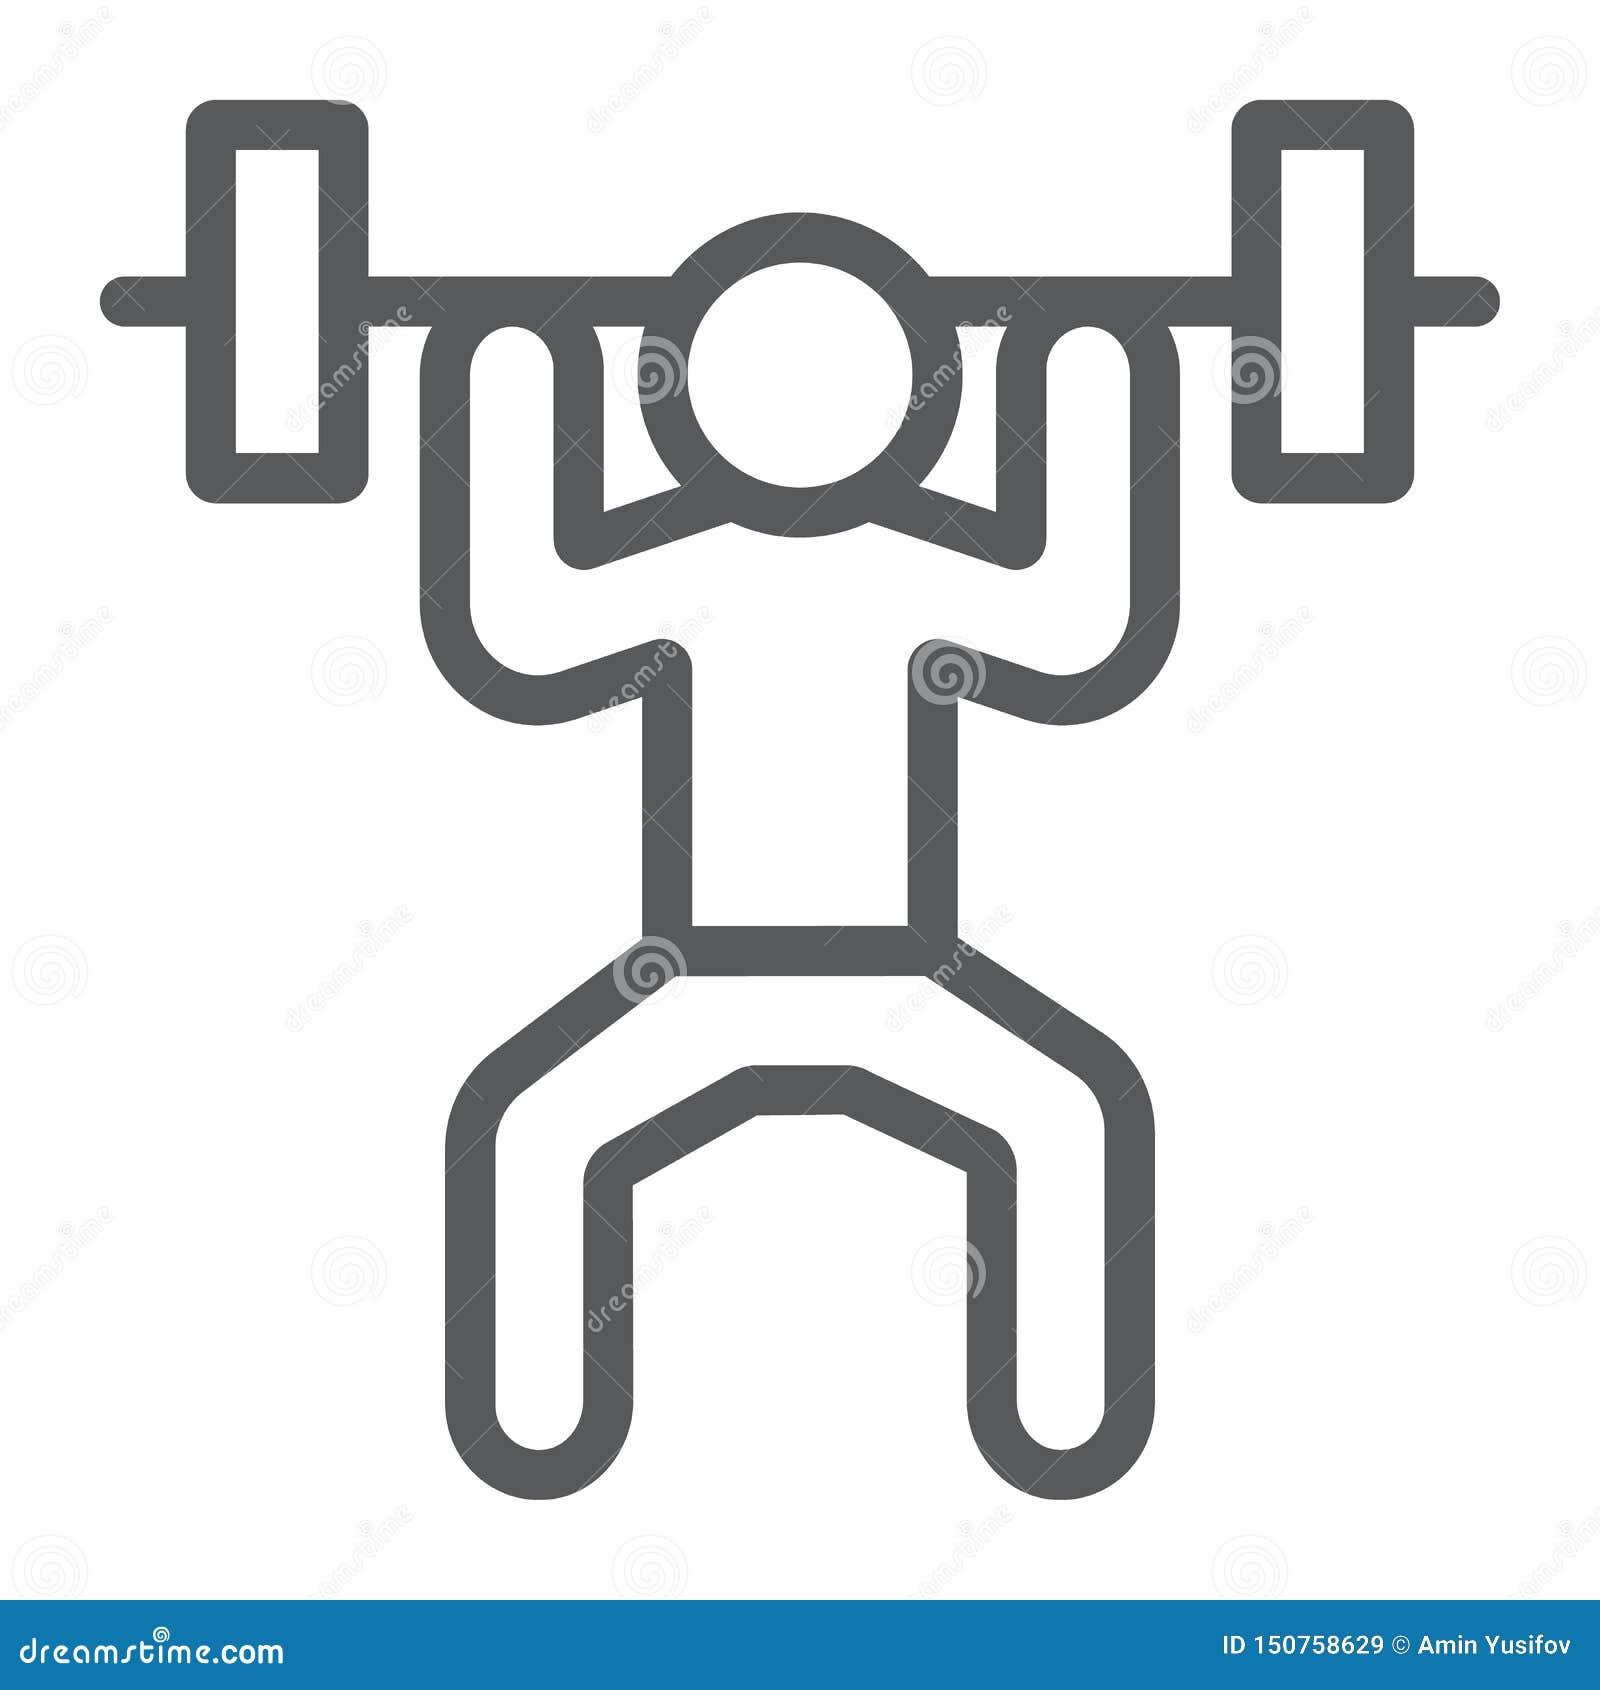 Weightlifterlinie Ikone, Sport und Bodybuilding, Gewichthebenzeichen, Vektorgrafik, ein lineares Muster auf einem weißen